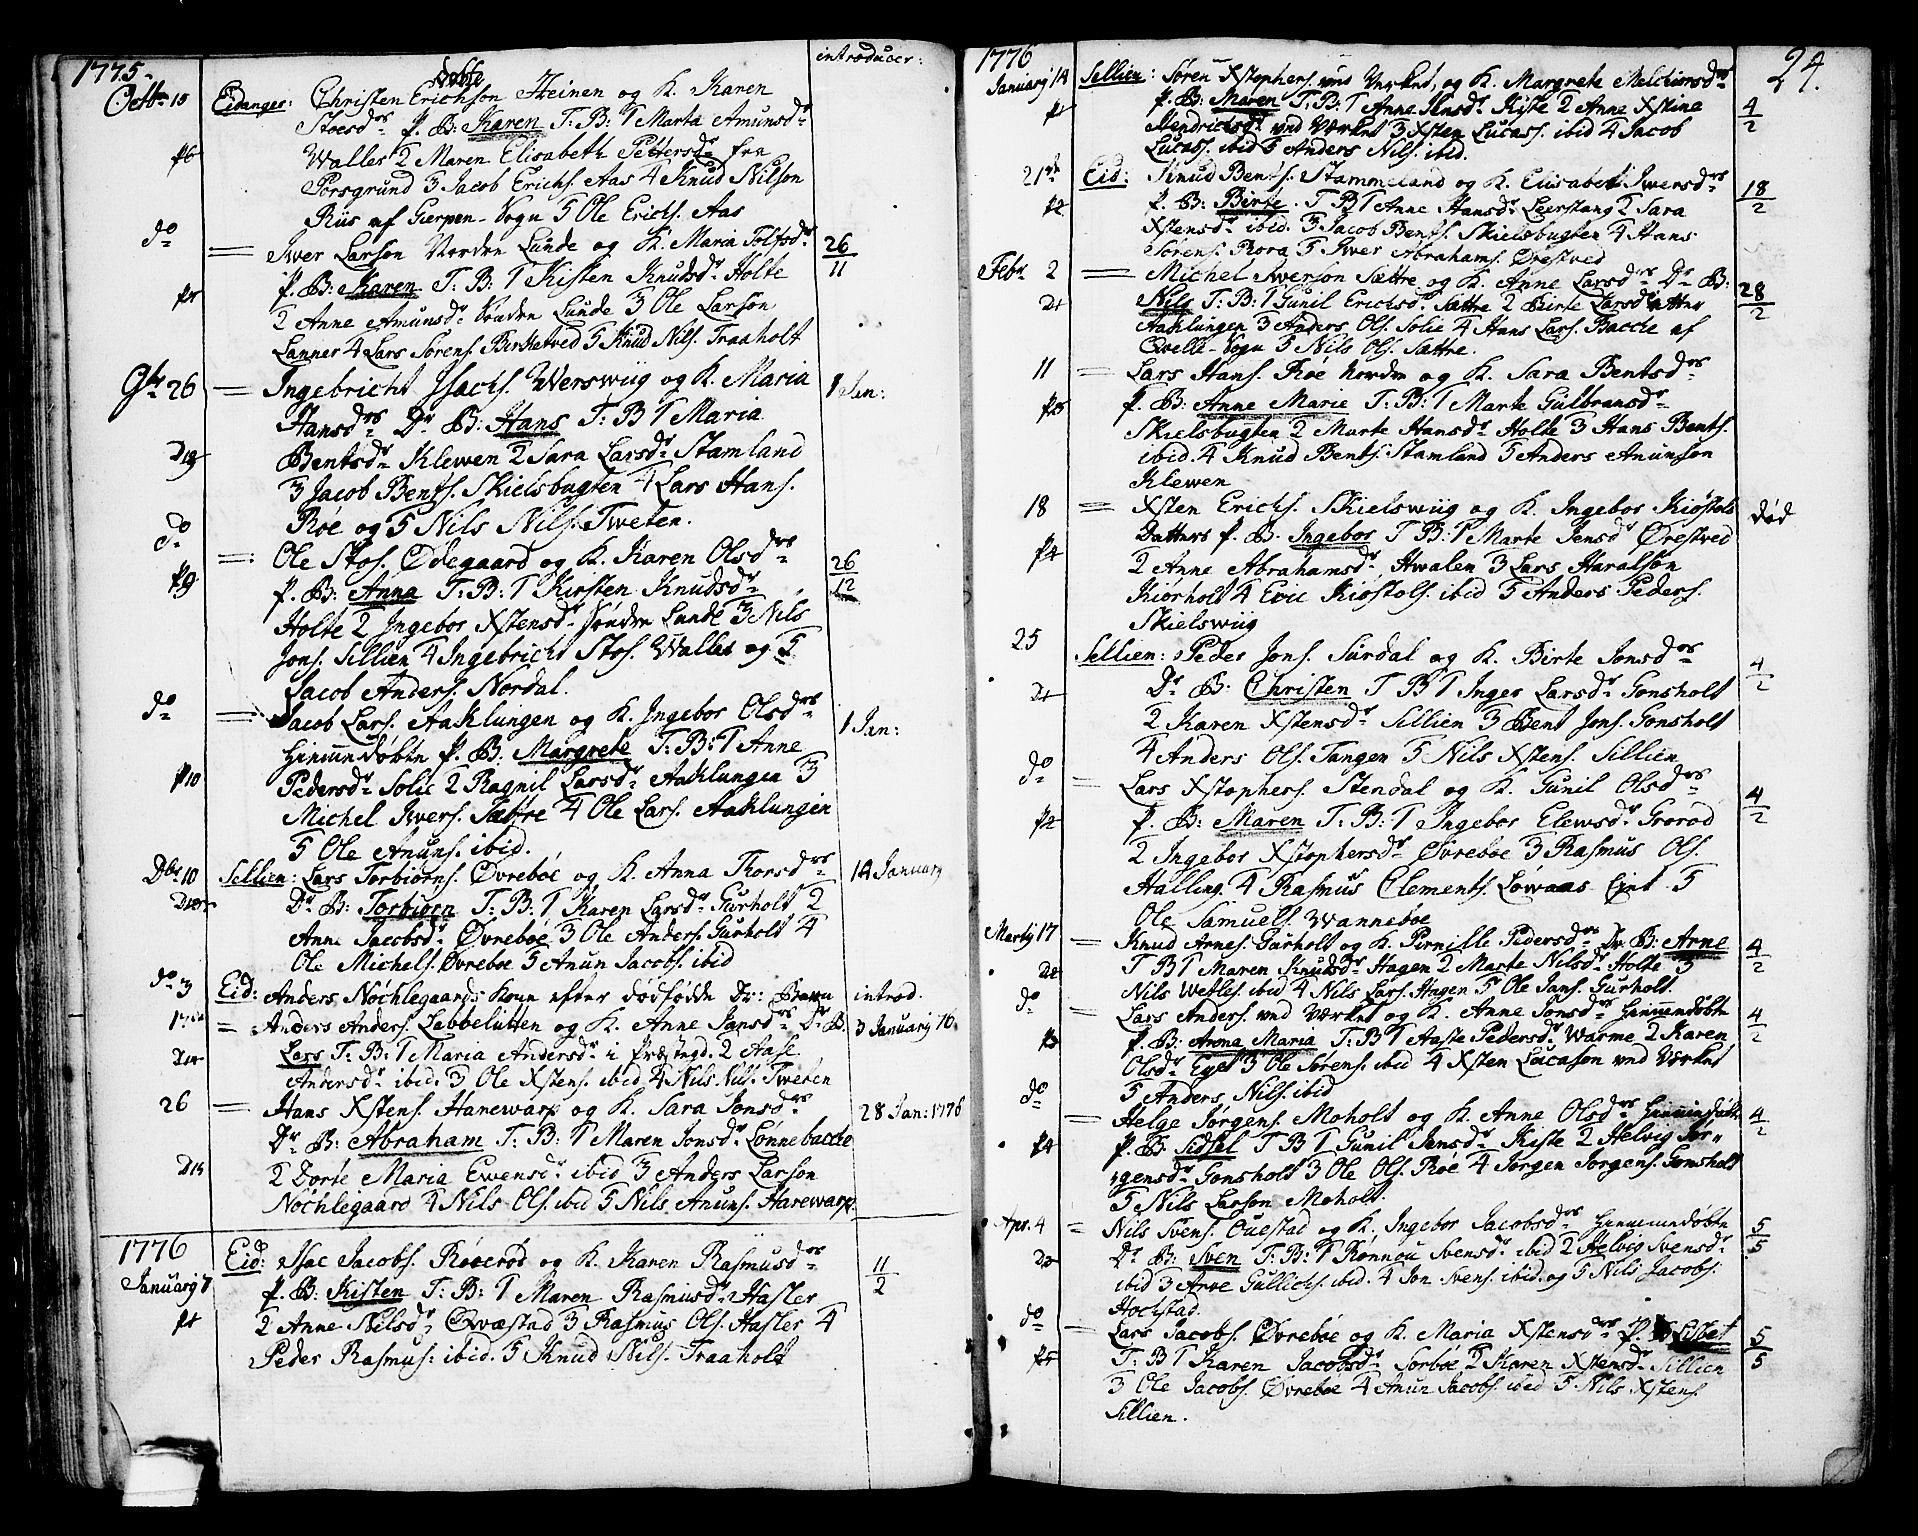 SAKO, Eidanger kirkebøker, F/Fa/L0006: Ministerialbok nr. 6, 1764-1814, s. 24